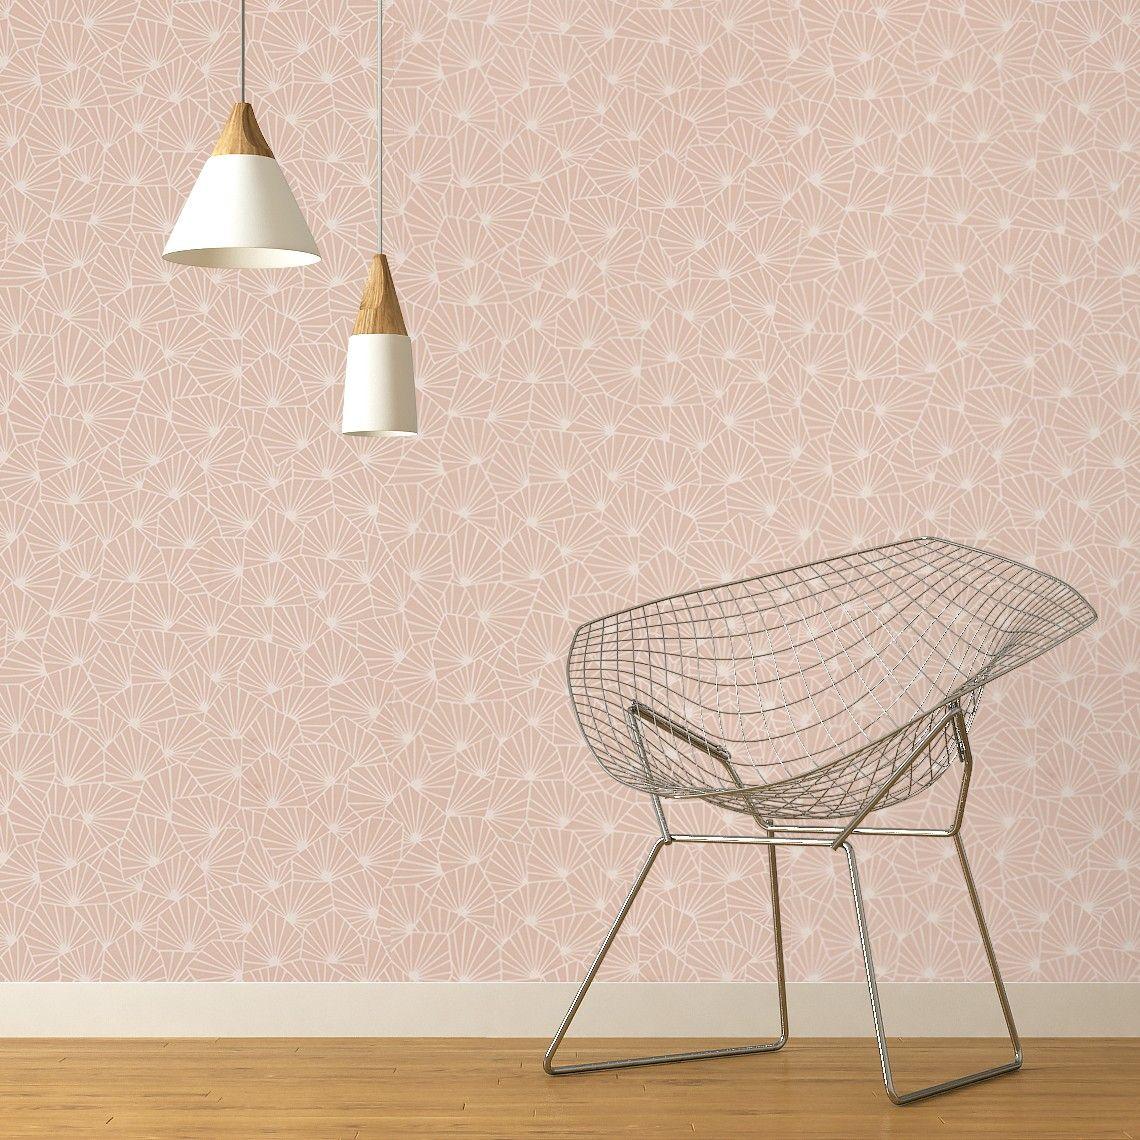 Papier Peint Sacha 100 Intisse Motif Graphique Rose Poudre